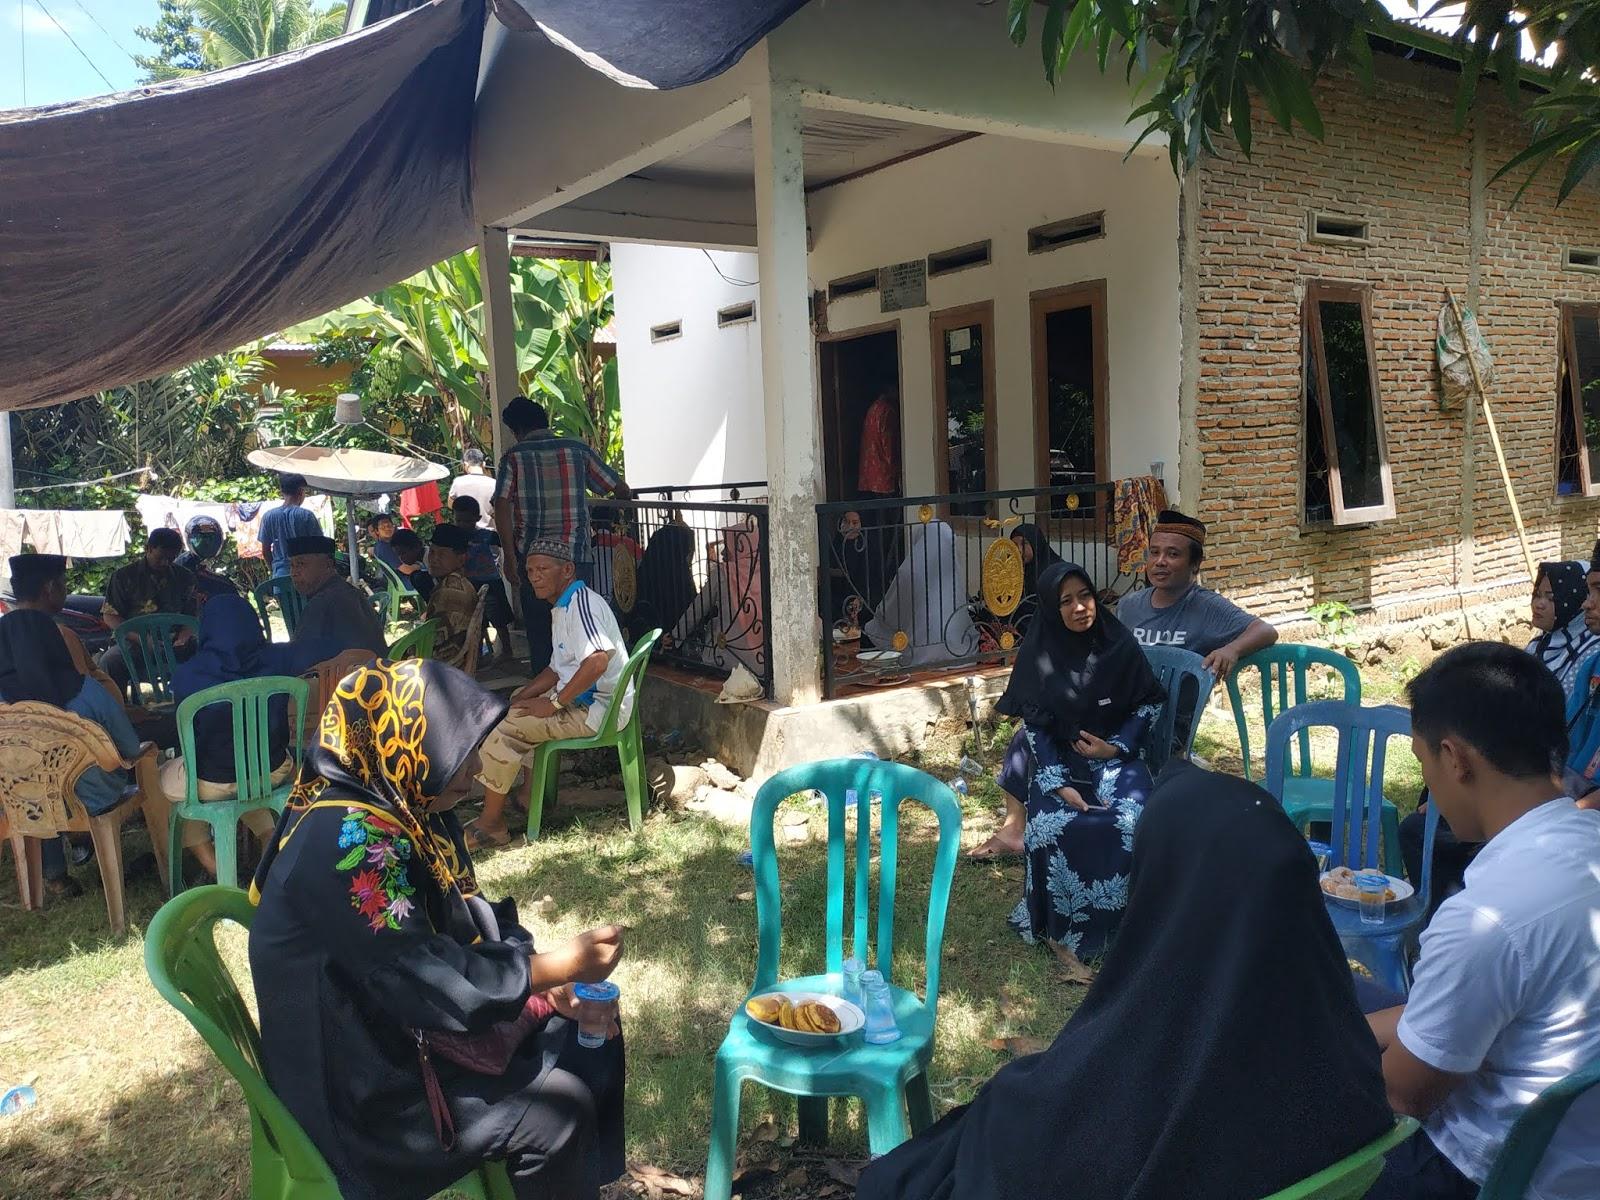 Perekapan Suara Pemilu Menimbulkan Duka Bagi PPS Kelurahan Biru, Ini Sebabnya